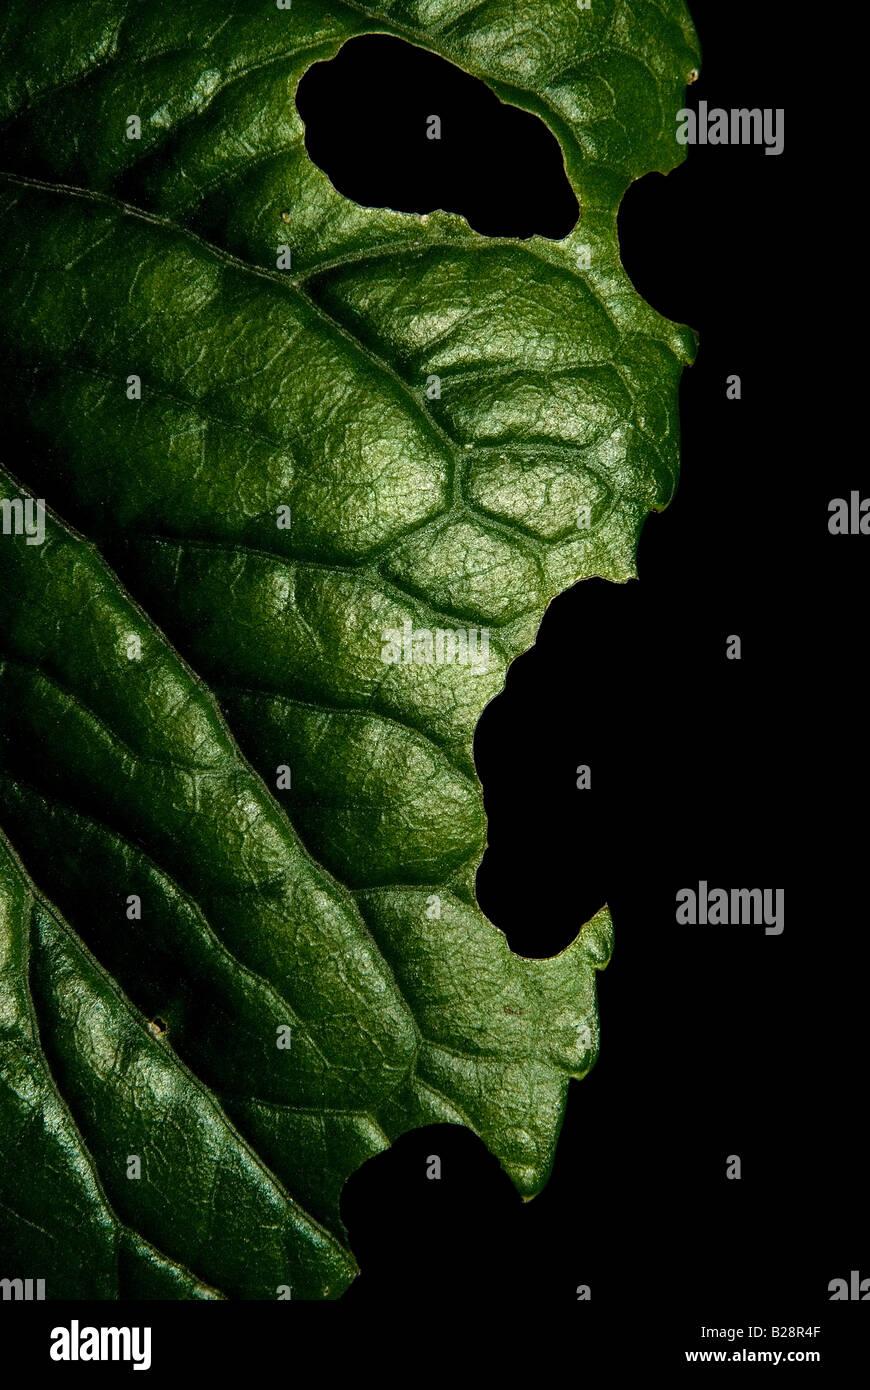 Hoja verde con expresión humana de ira Foto de stock